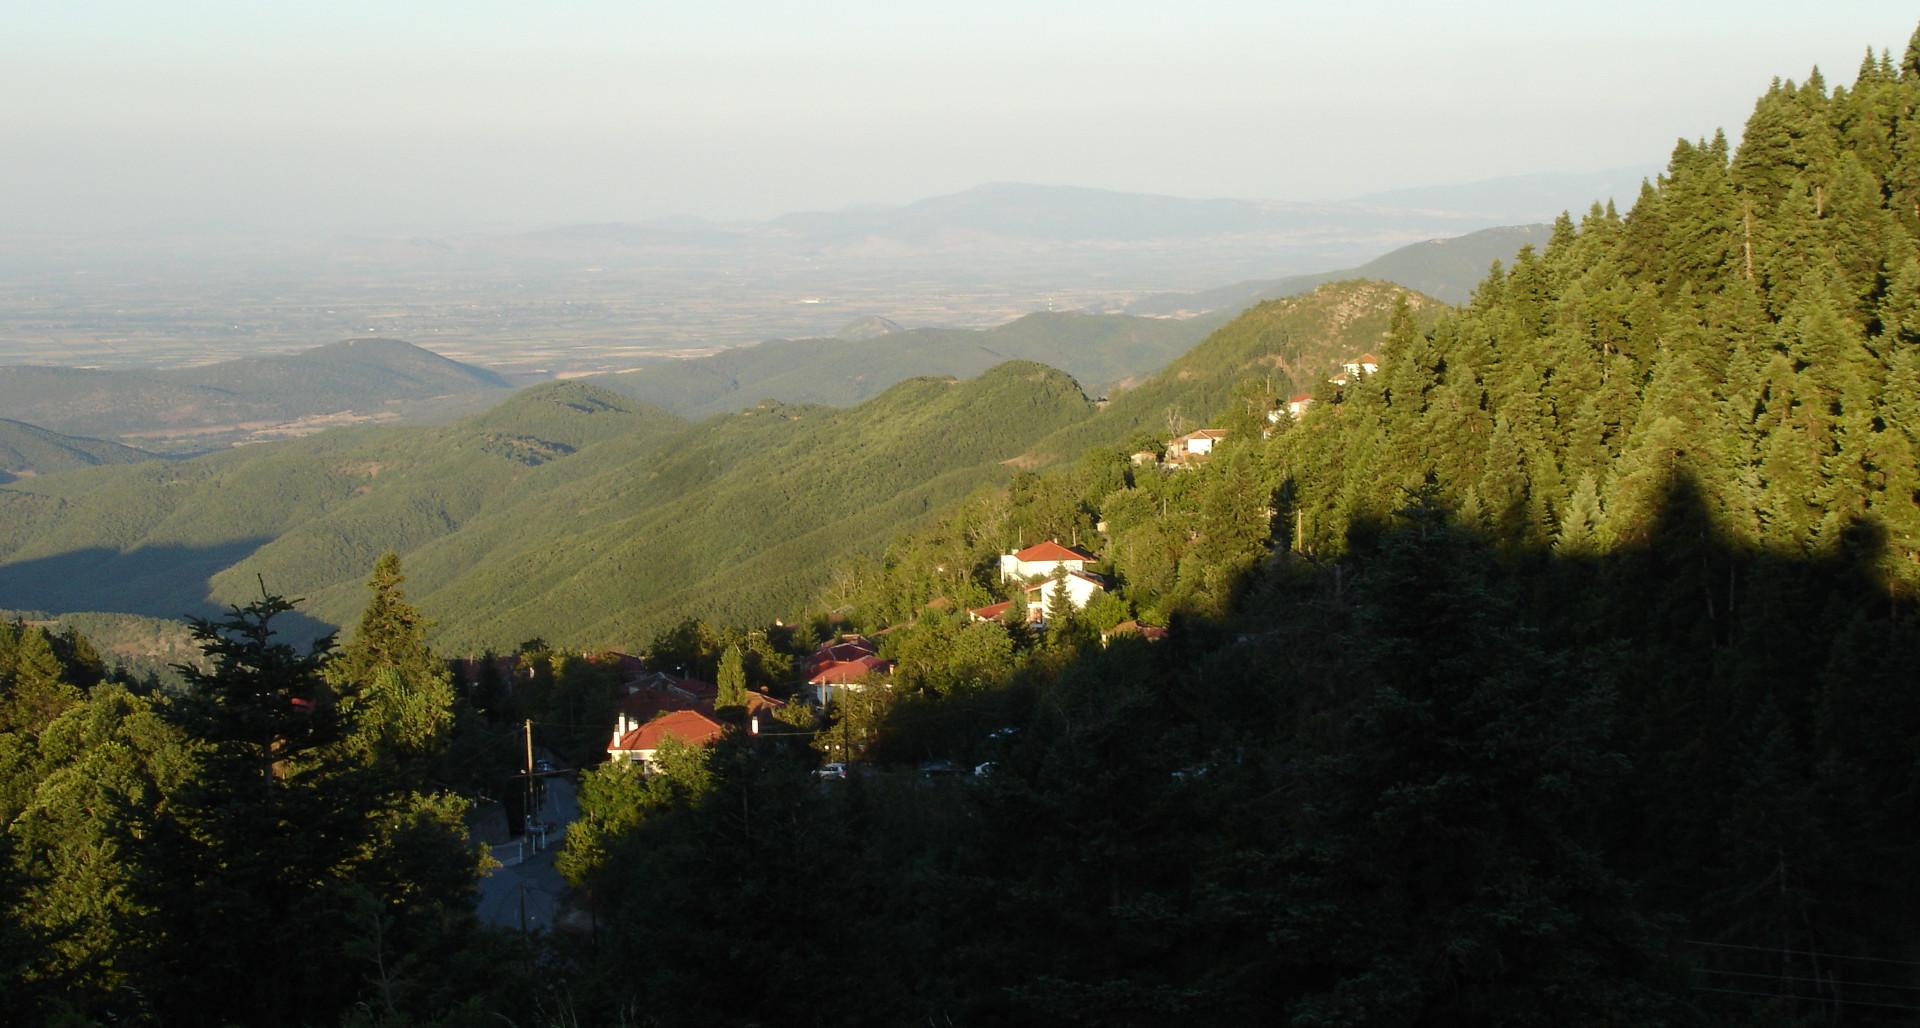 Καστανιά Καρδίτσας - Άγραφα - Ορεινό Χωριό στη Λίμνη Πλαστήρα - Νομός Καρδίτσας